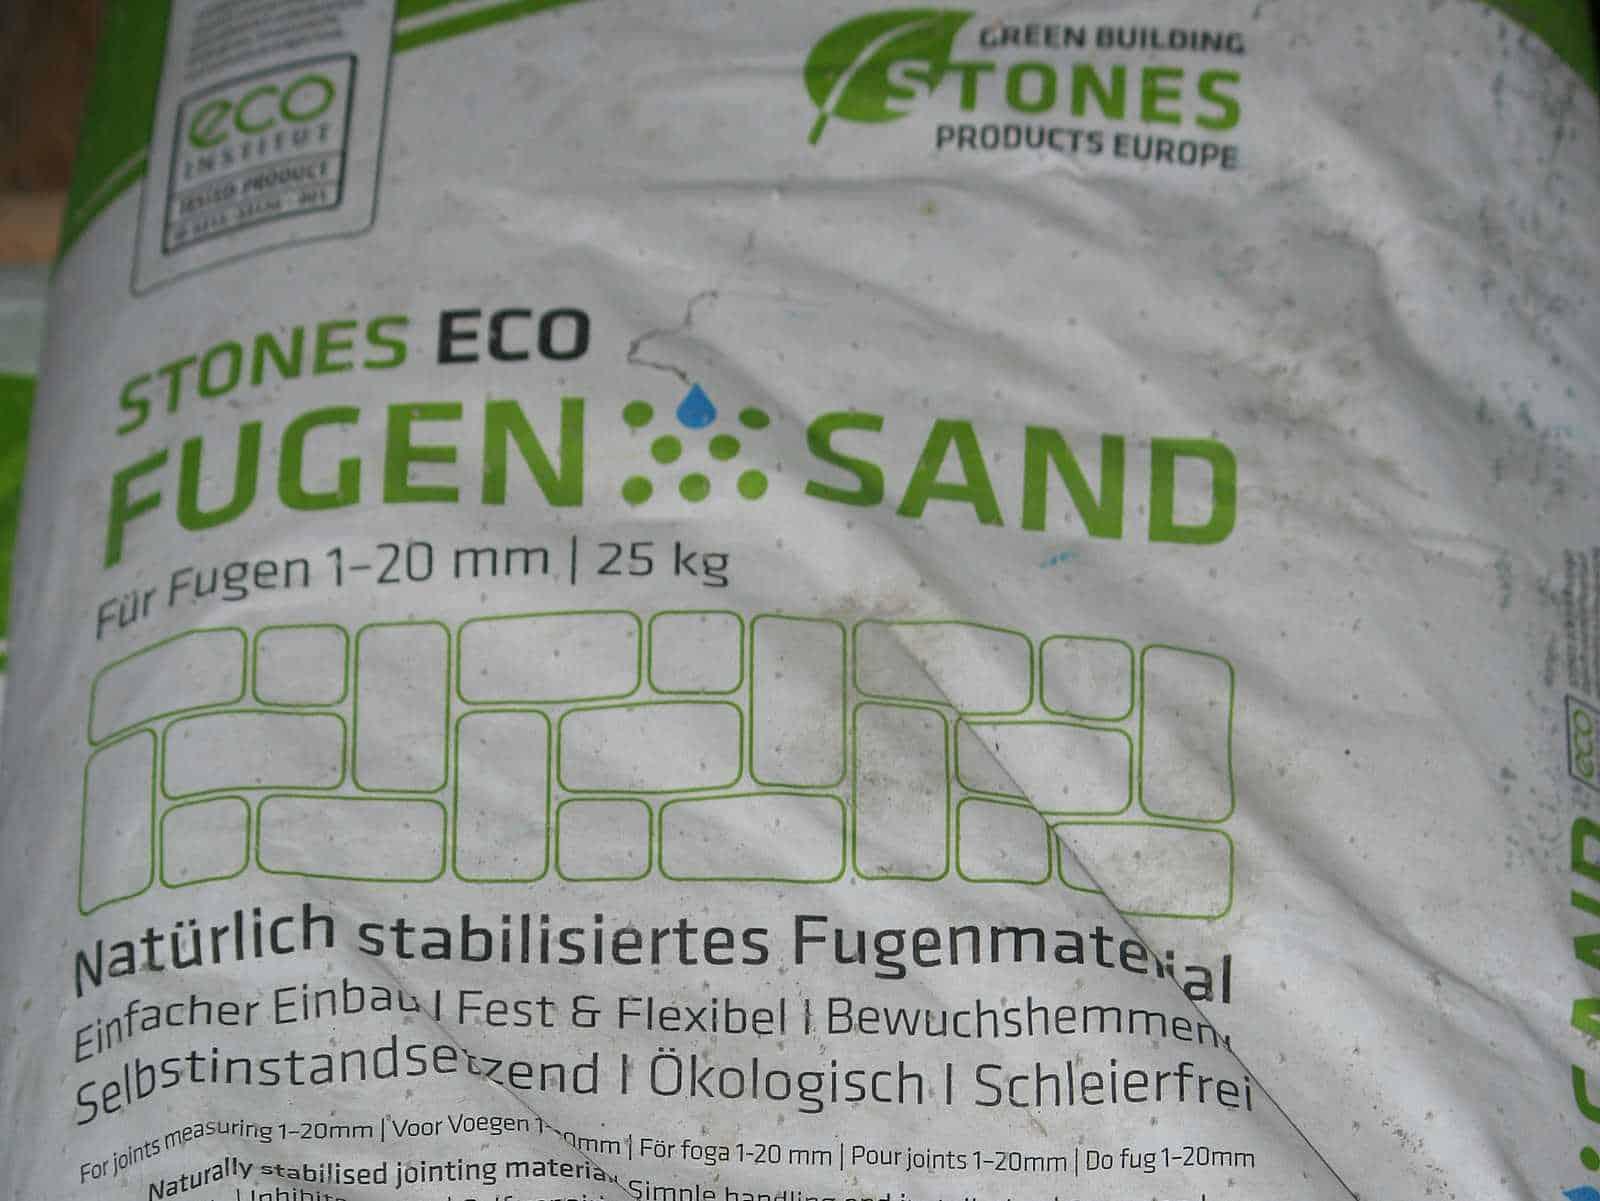 ECO Stones Fugensand